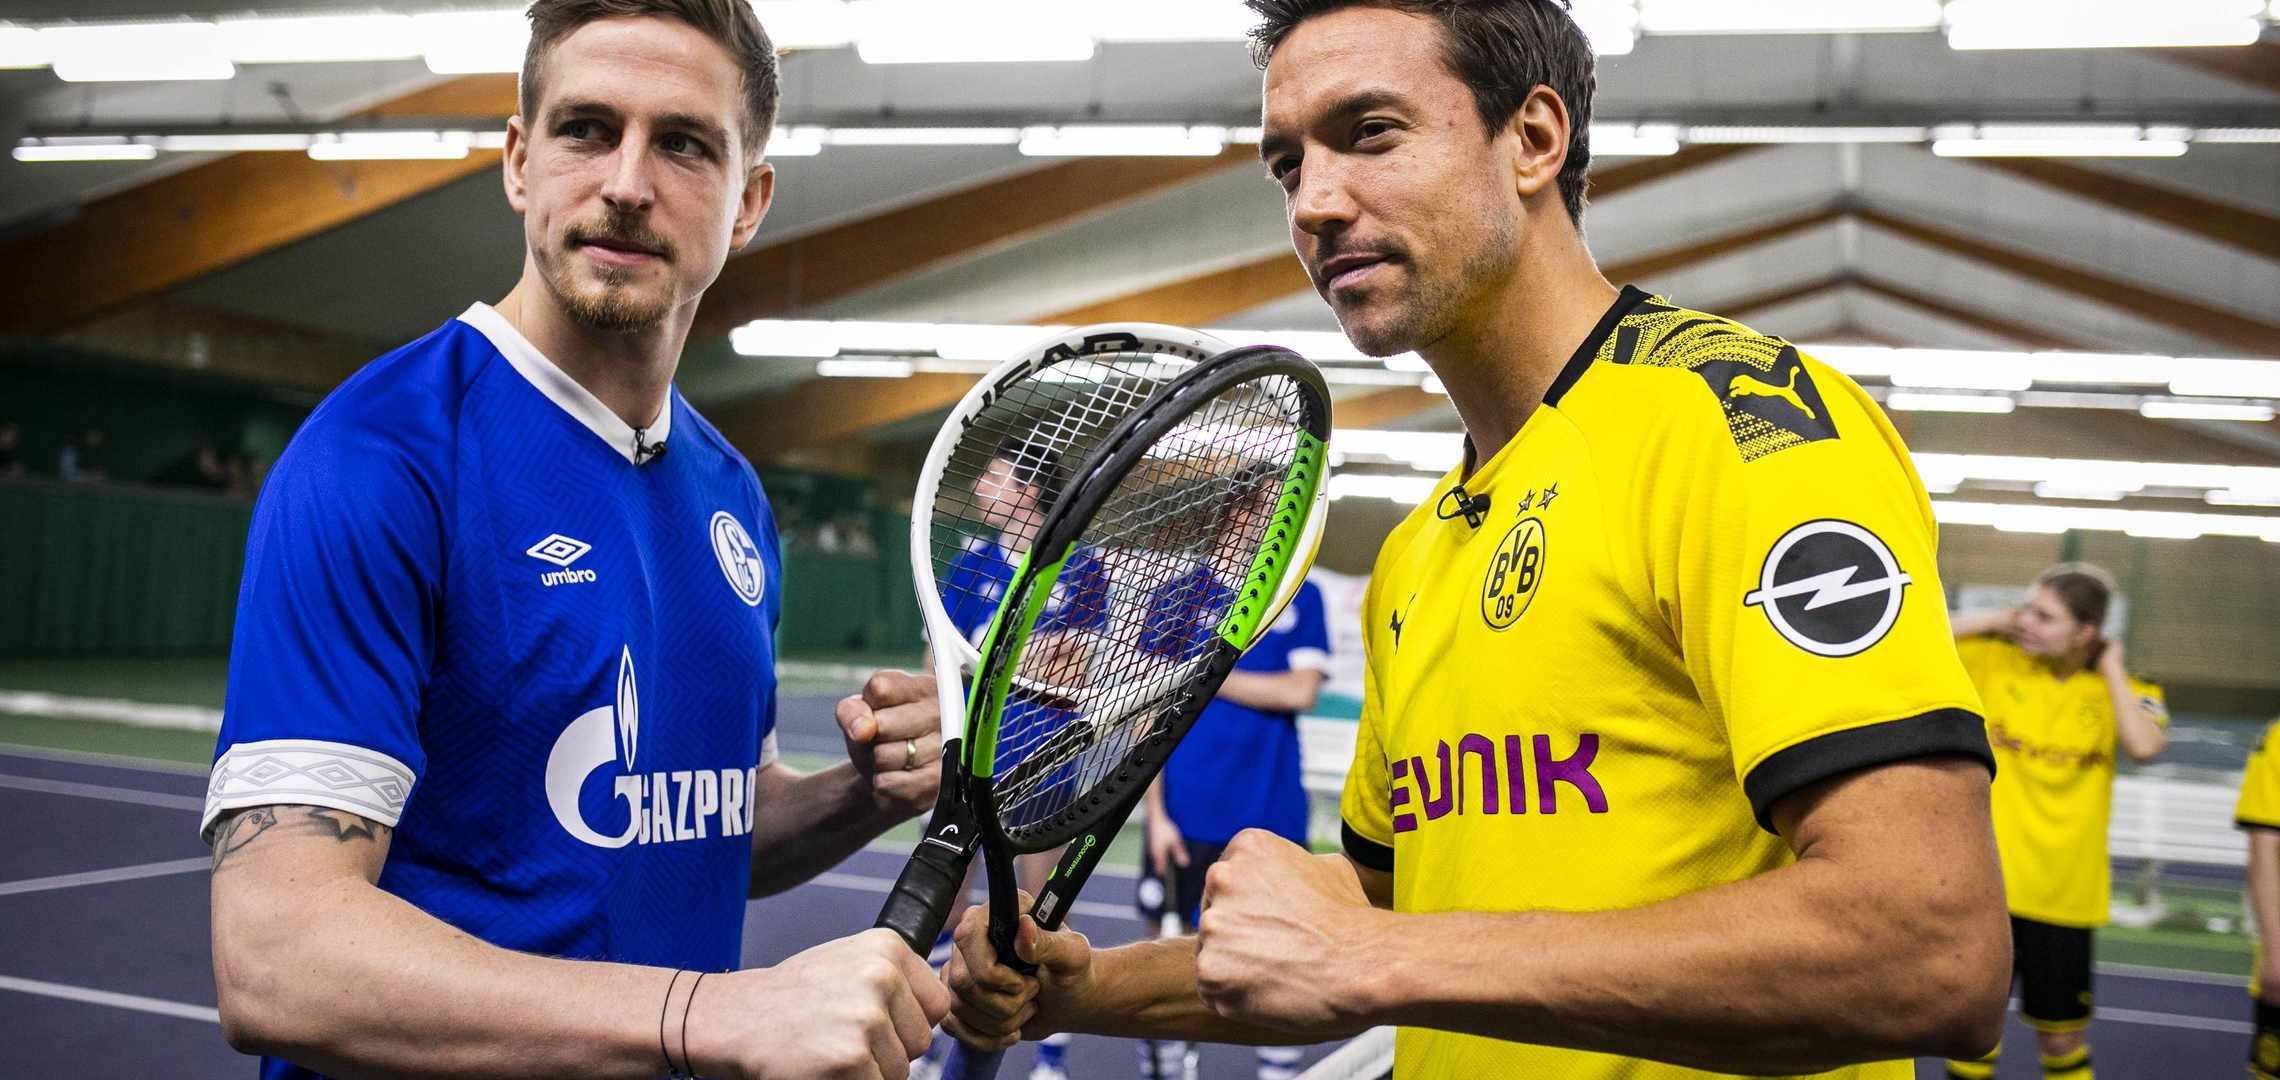 Tennisverband Mittelrhein Ev